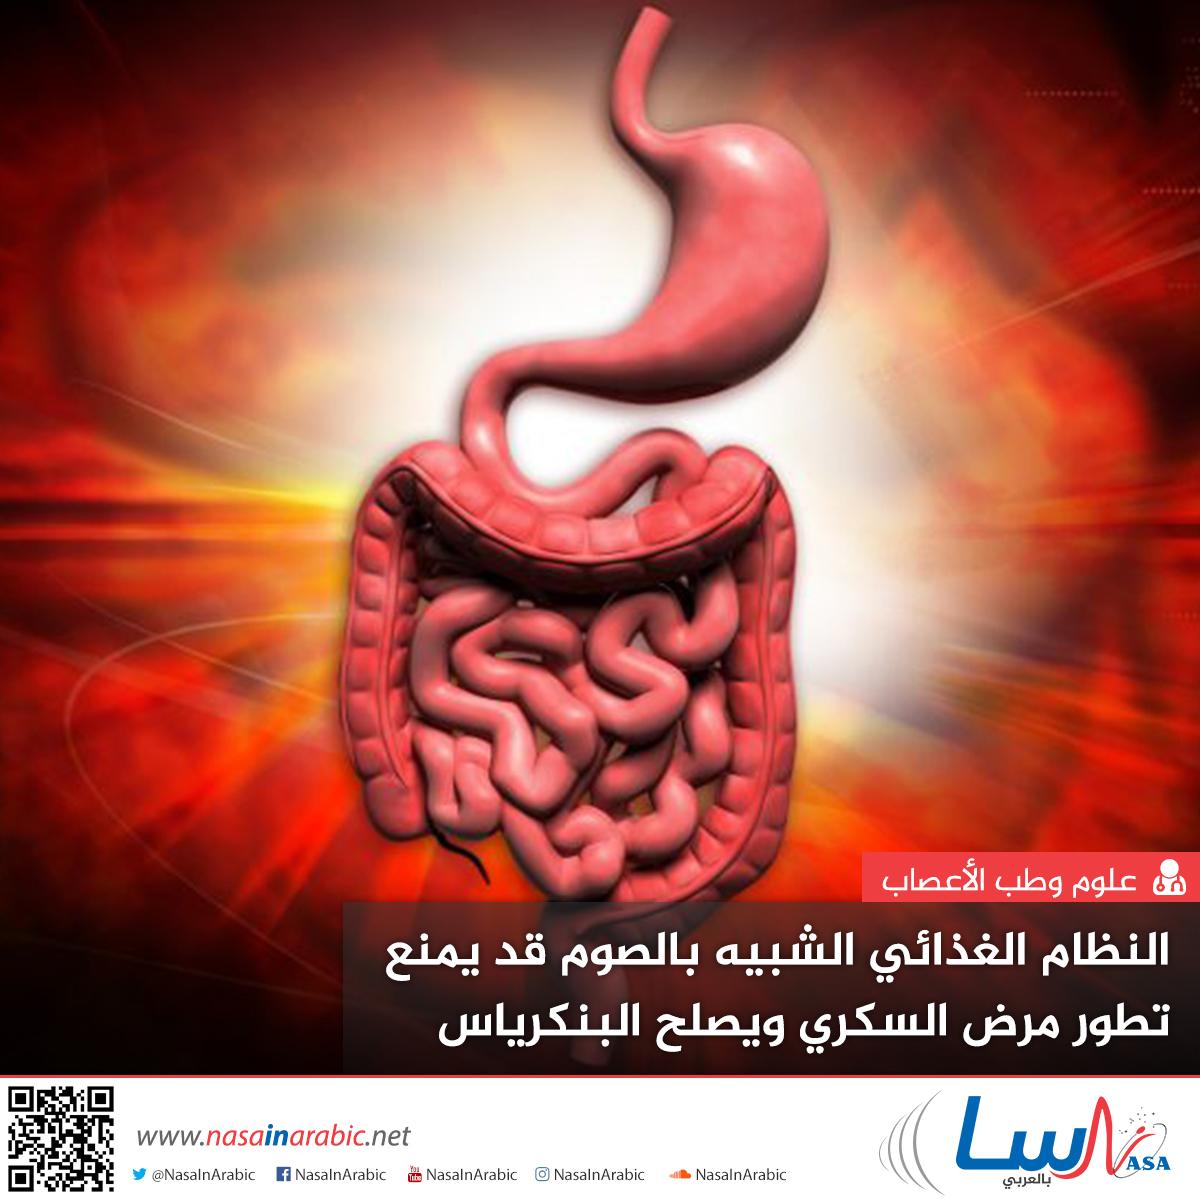 النظام الغذائي الشبيه بالصوم قد يمنع تطور مرض السكري ويصلح البنكرياس